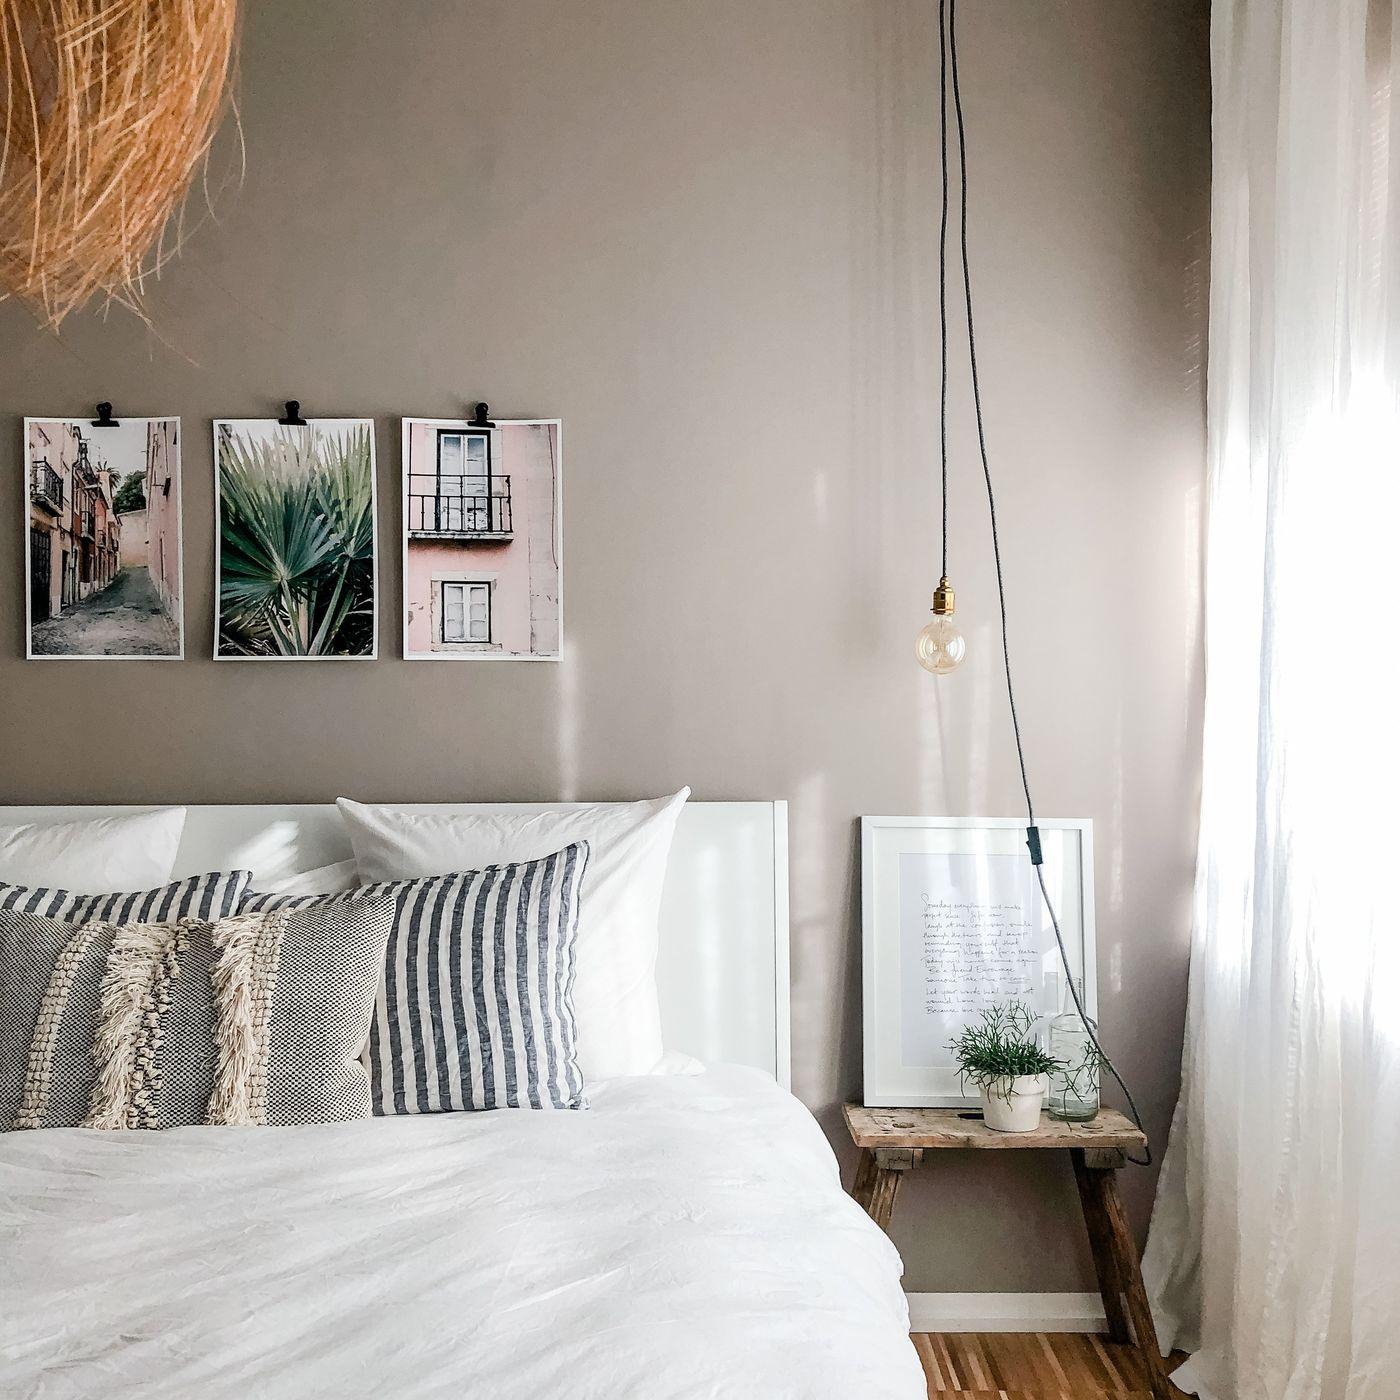 Schlafzimmer: Ideen zum Einrichten & Gestalten - Seite 58